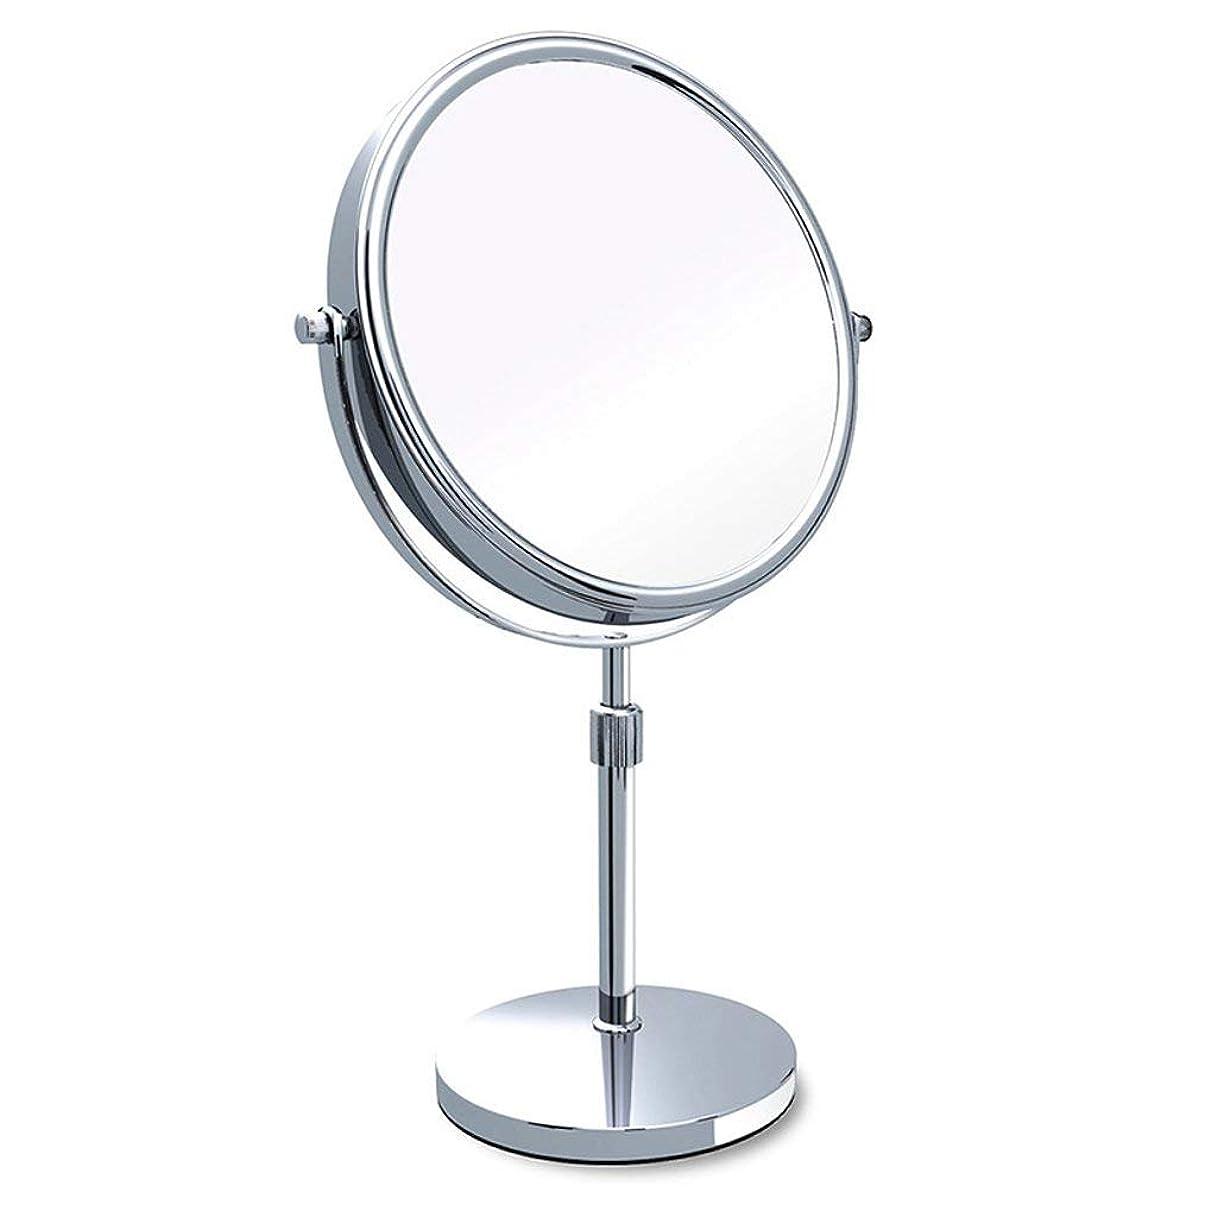 もし静けさ葉化粧鏡円形両面3x倍率HDバニティミラーシェービングミラー360°;自由に回転する調整可能な高さ(シルバー)(サイズ:A)